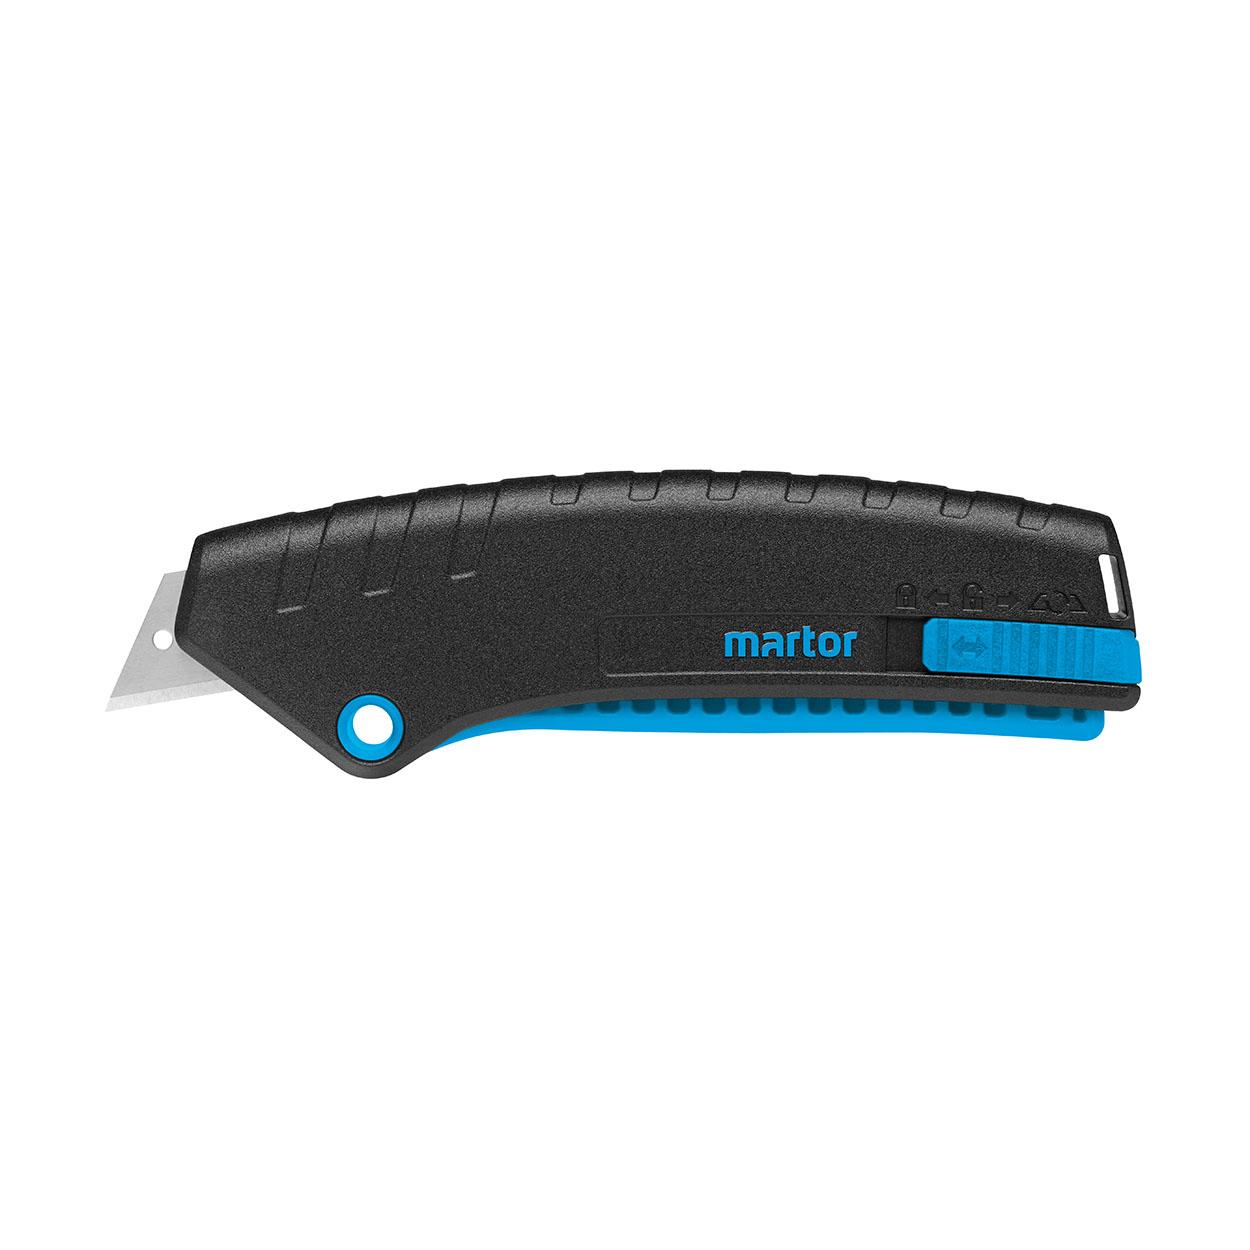 SECUNORM MIZAR - Ľahký bezpečnostný nôž s páčkovým mechanizm